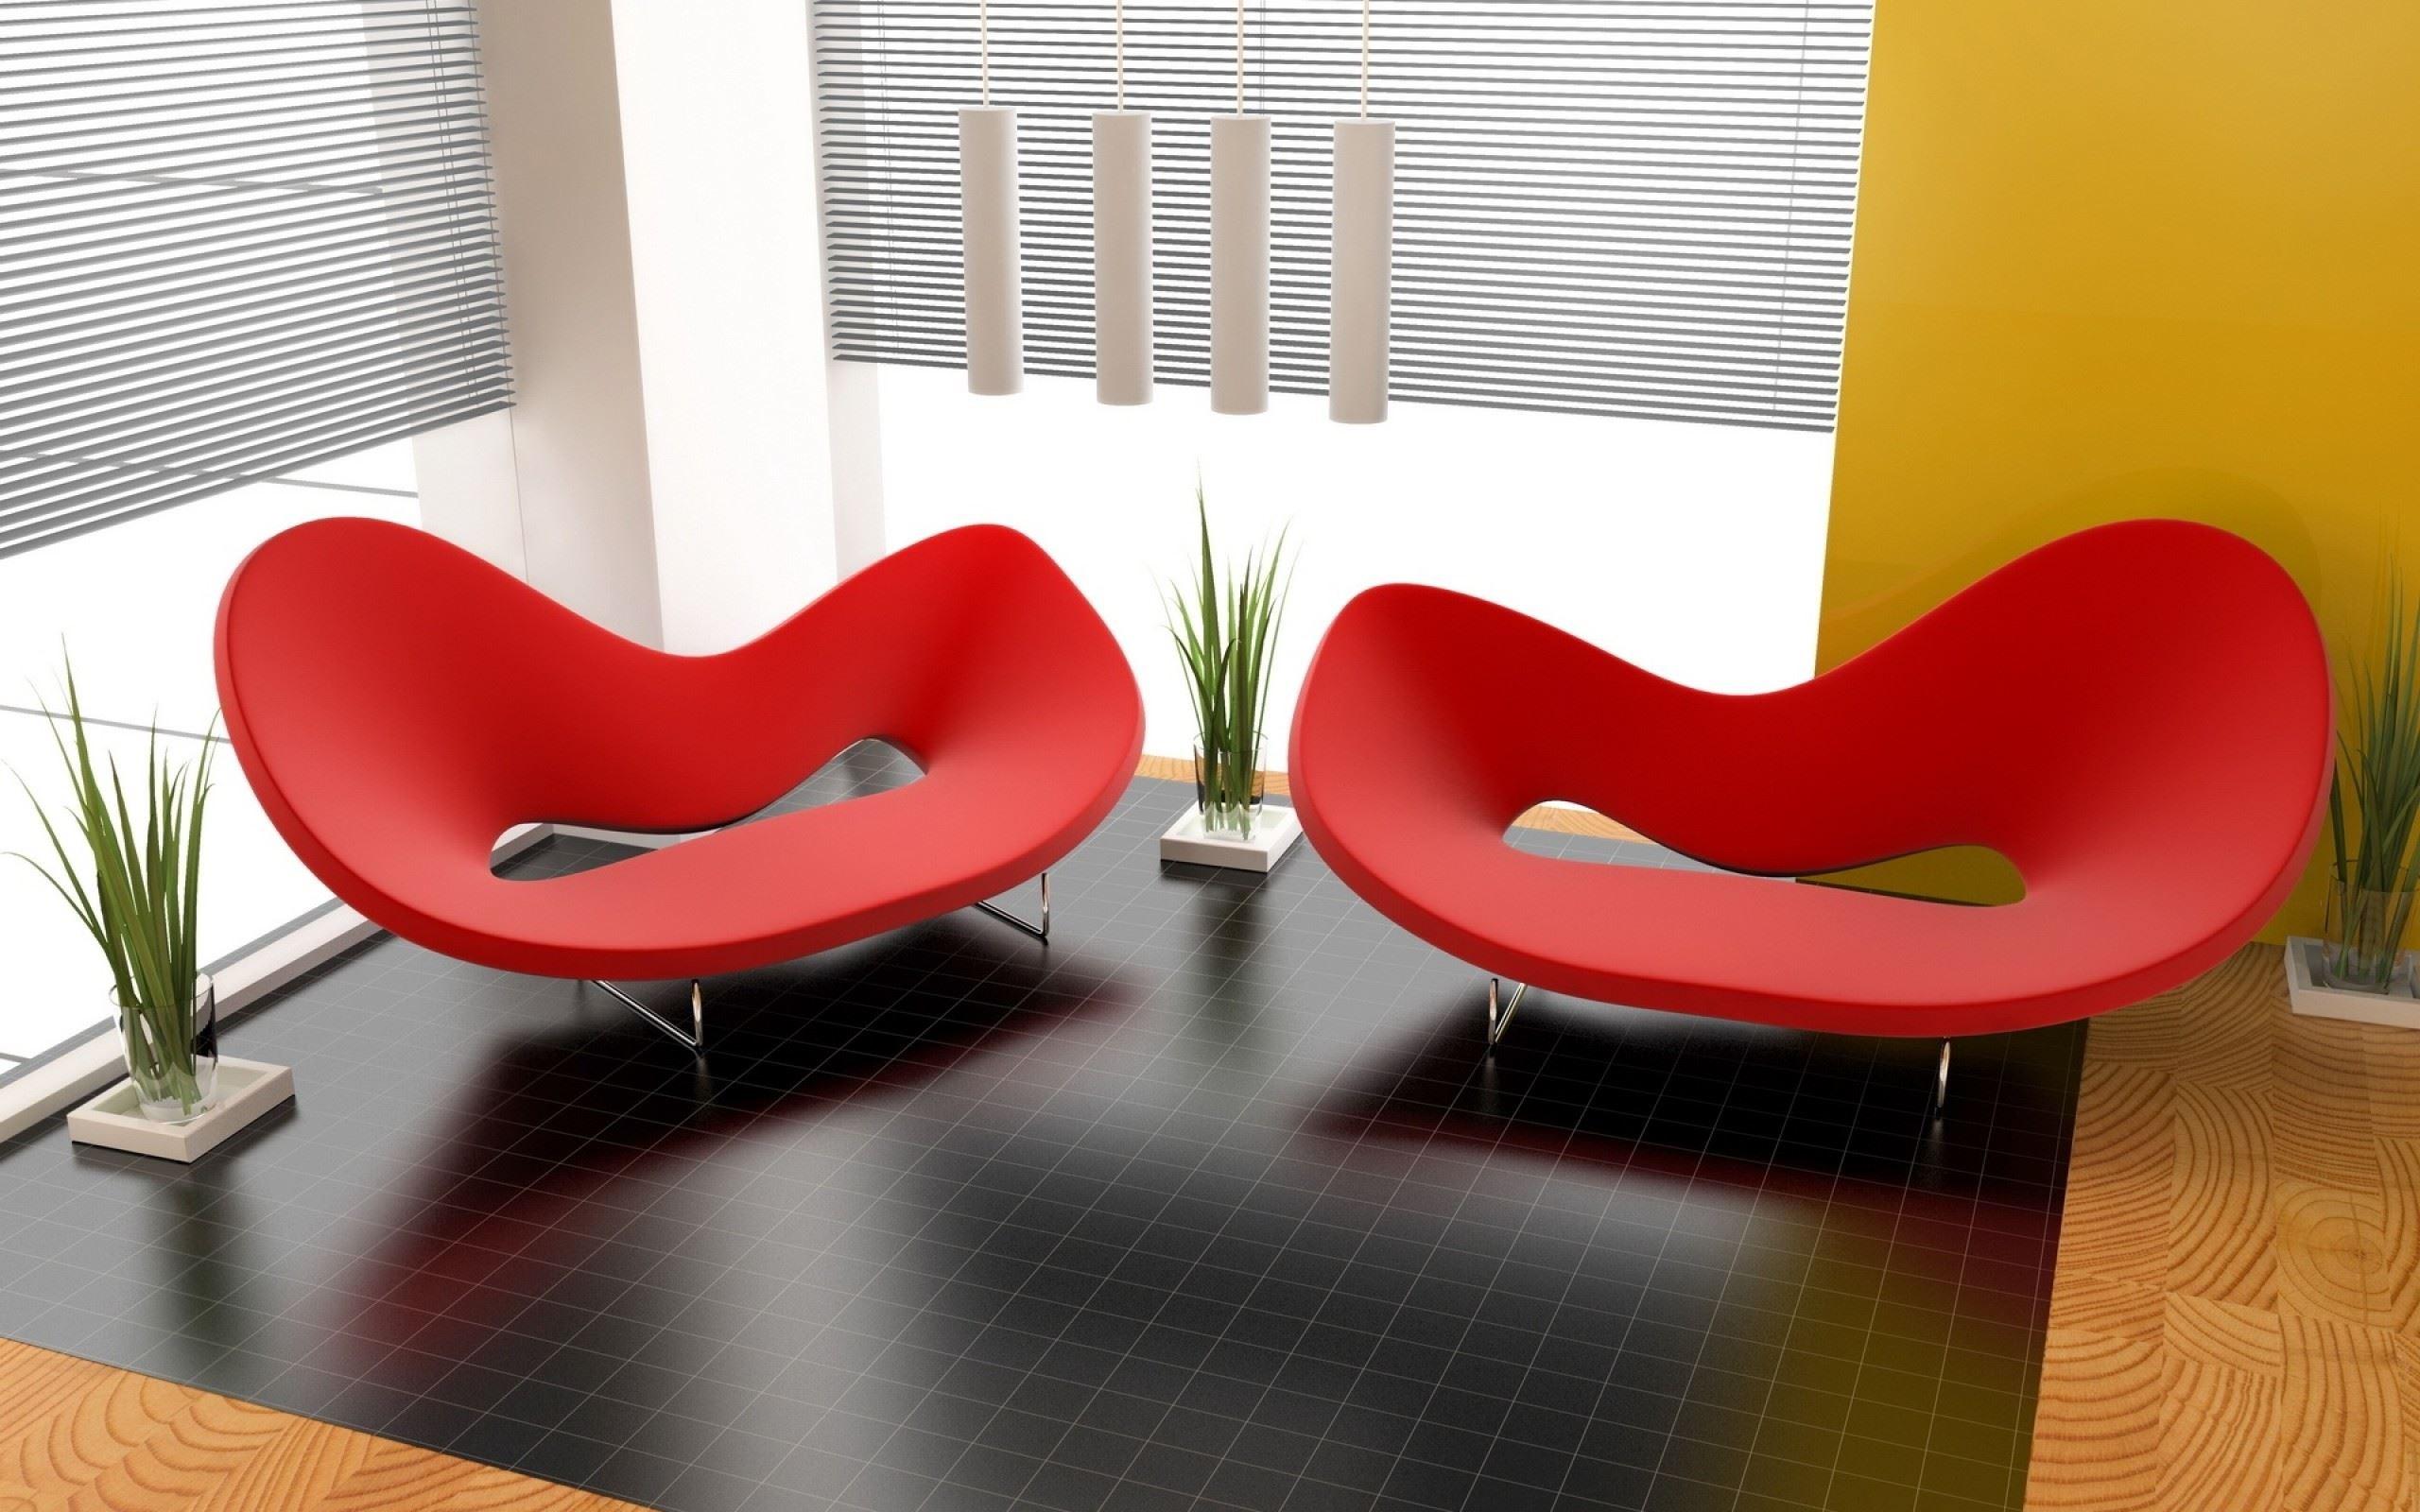 Стул 64 фото необычная красивая мебель для дома и стильные плетеные красные кресла по размерам